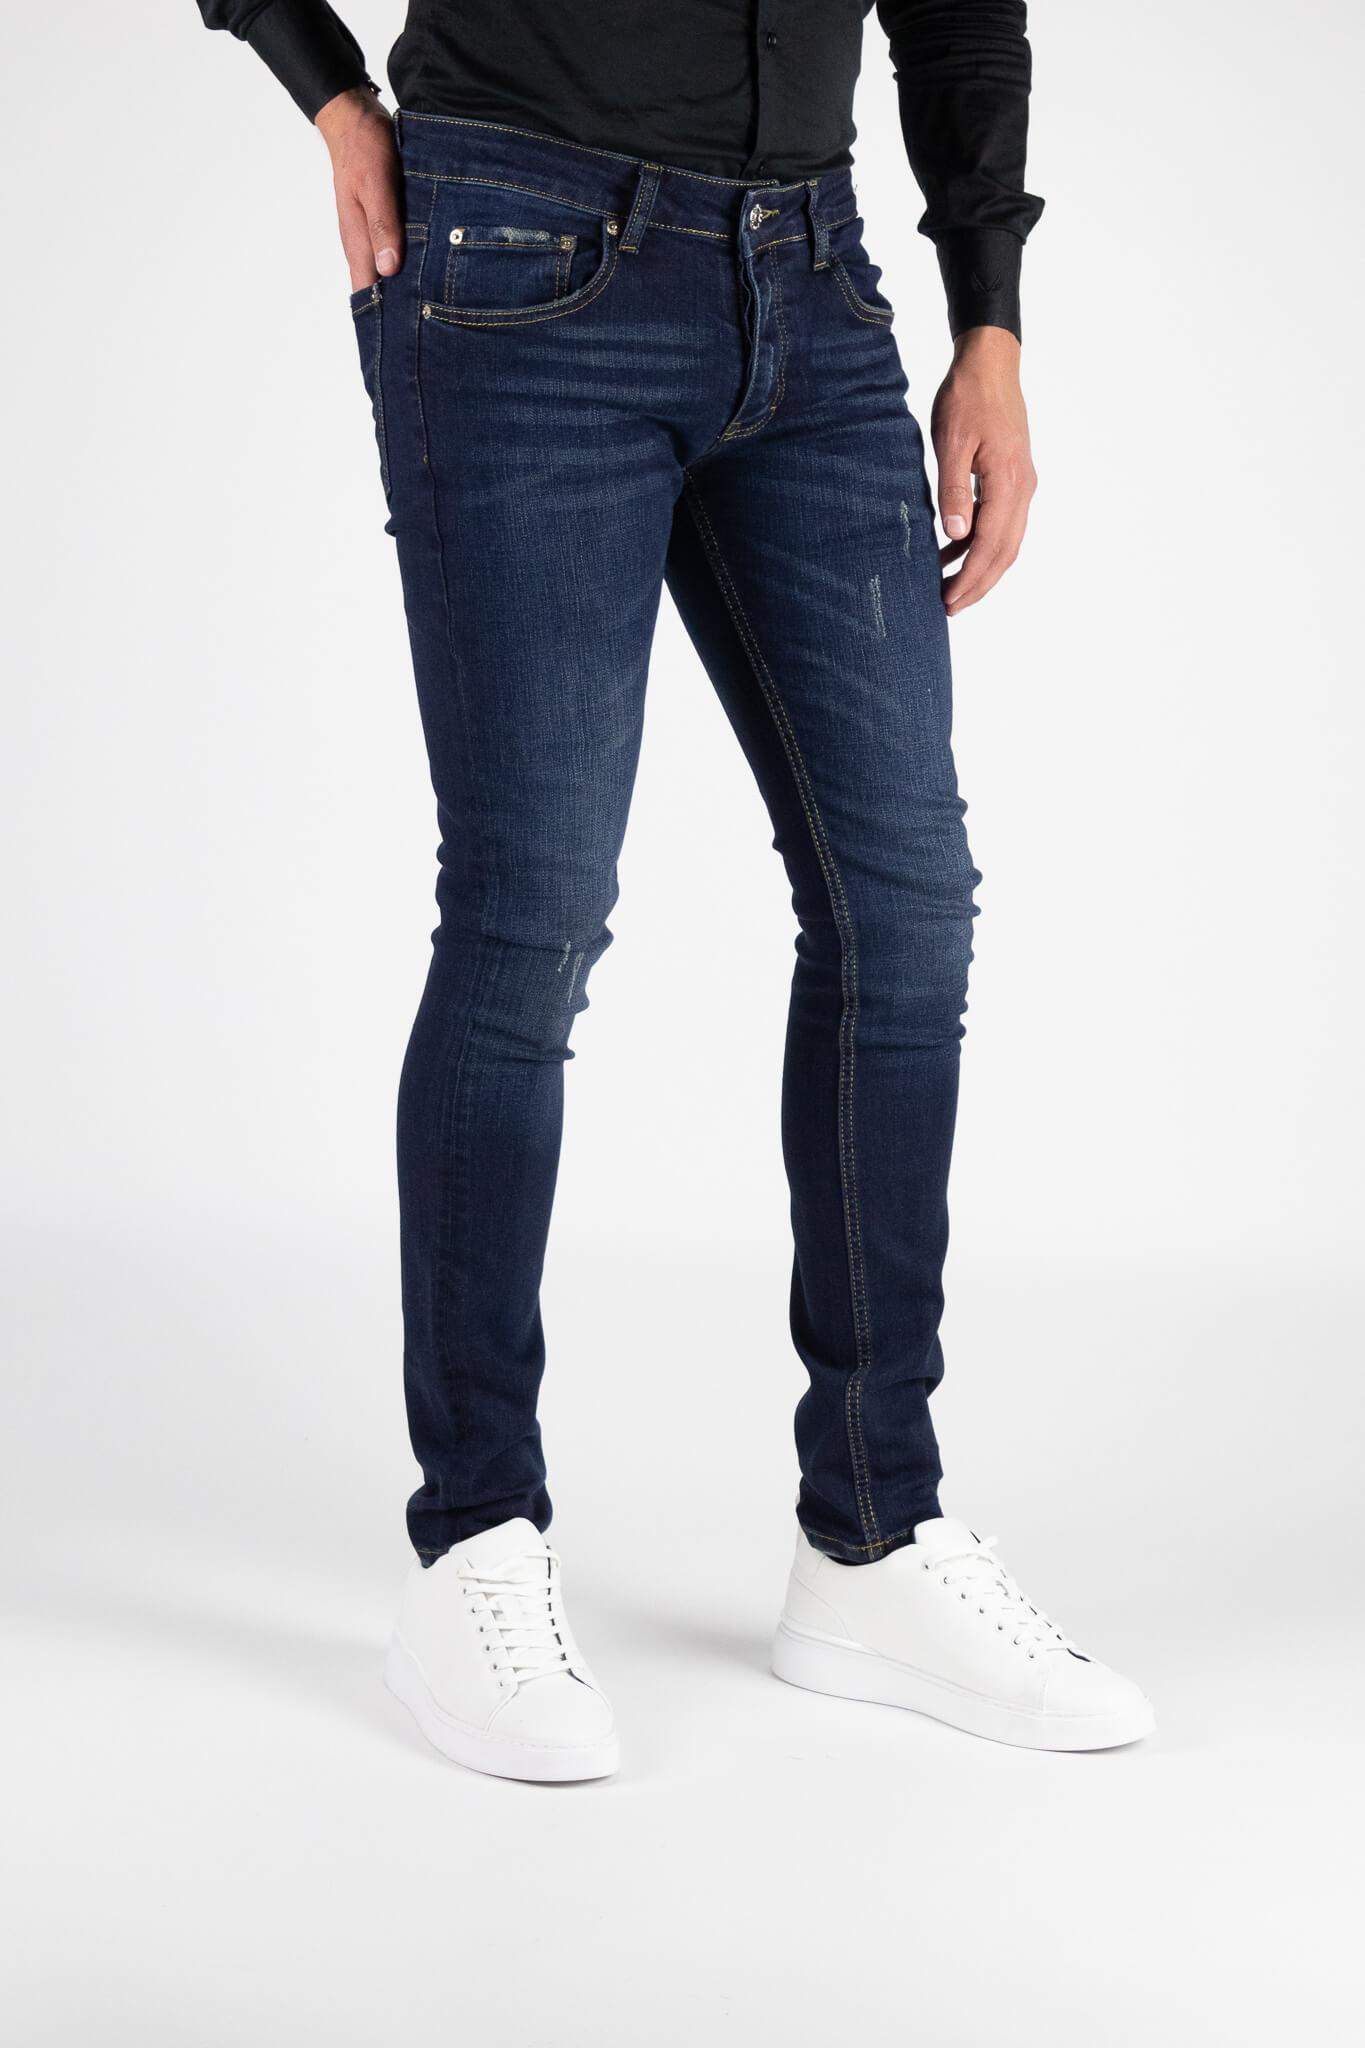 Morlaix-Dark-Blue-Jeans-4.jpg